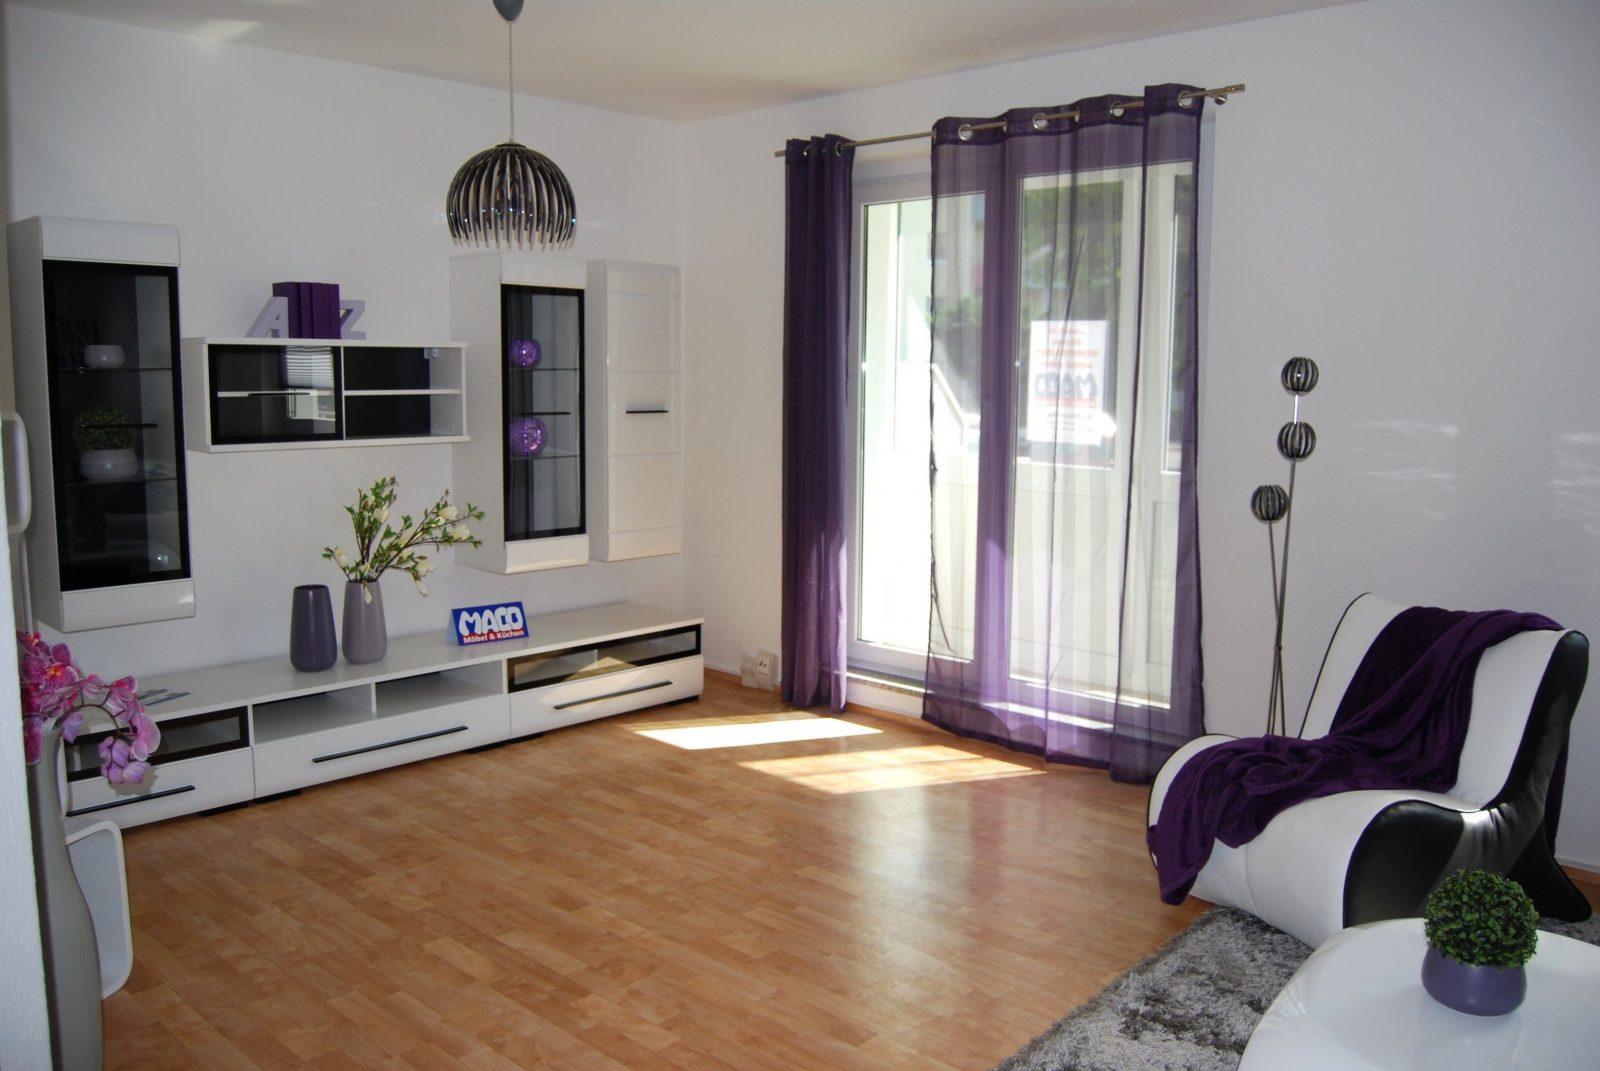 Very Attractive Ein Zimmer Wohnung Einrichten  Home Design Ideas von 1 Zimmer Wohnung Dekorieren Bild